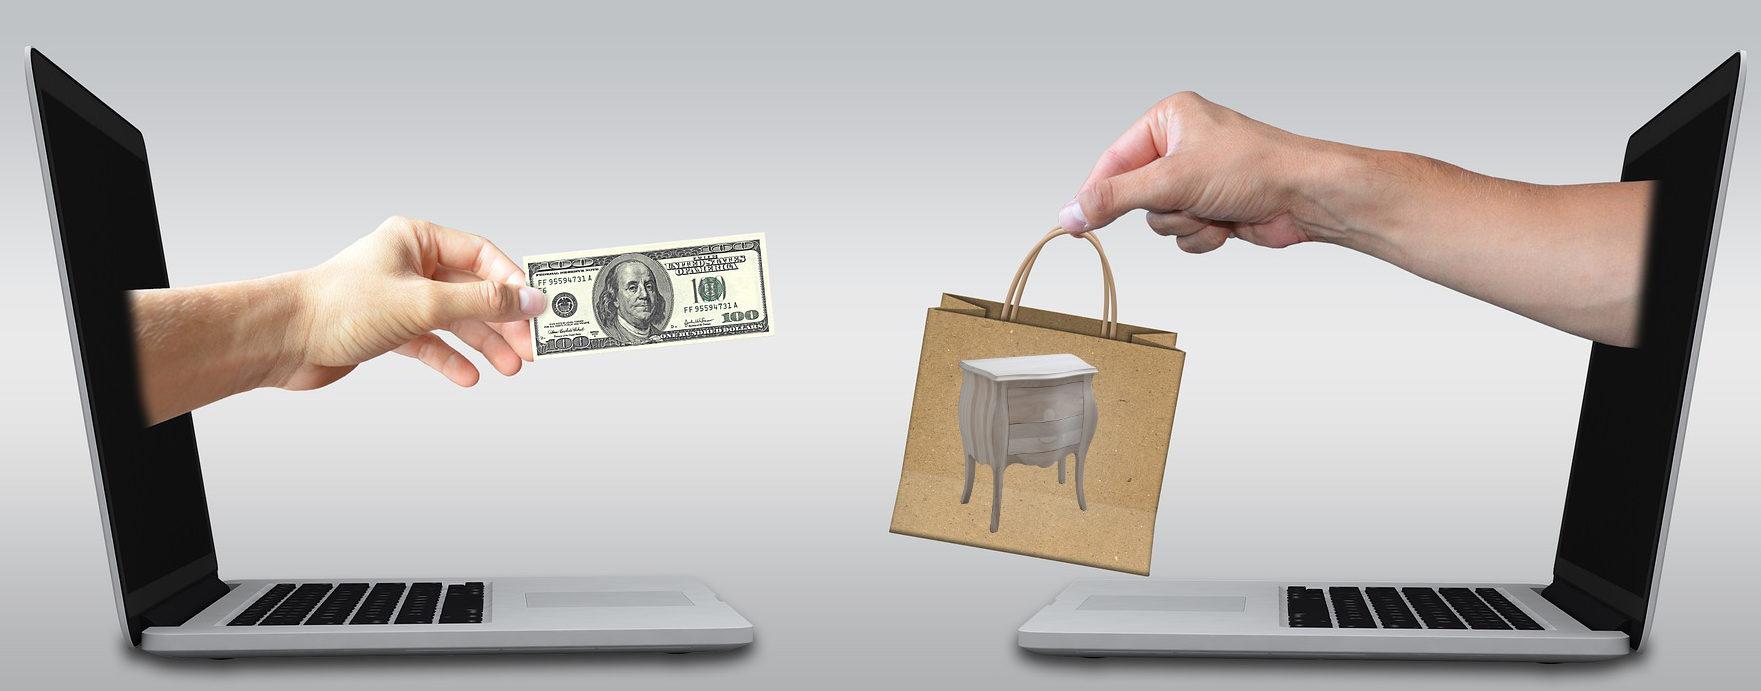 pratelli mobili vendita online mobili grezzi e